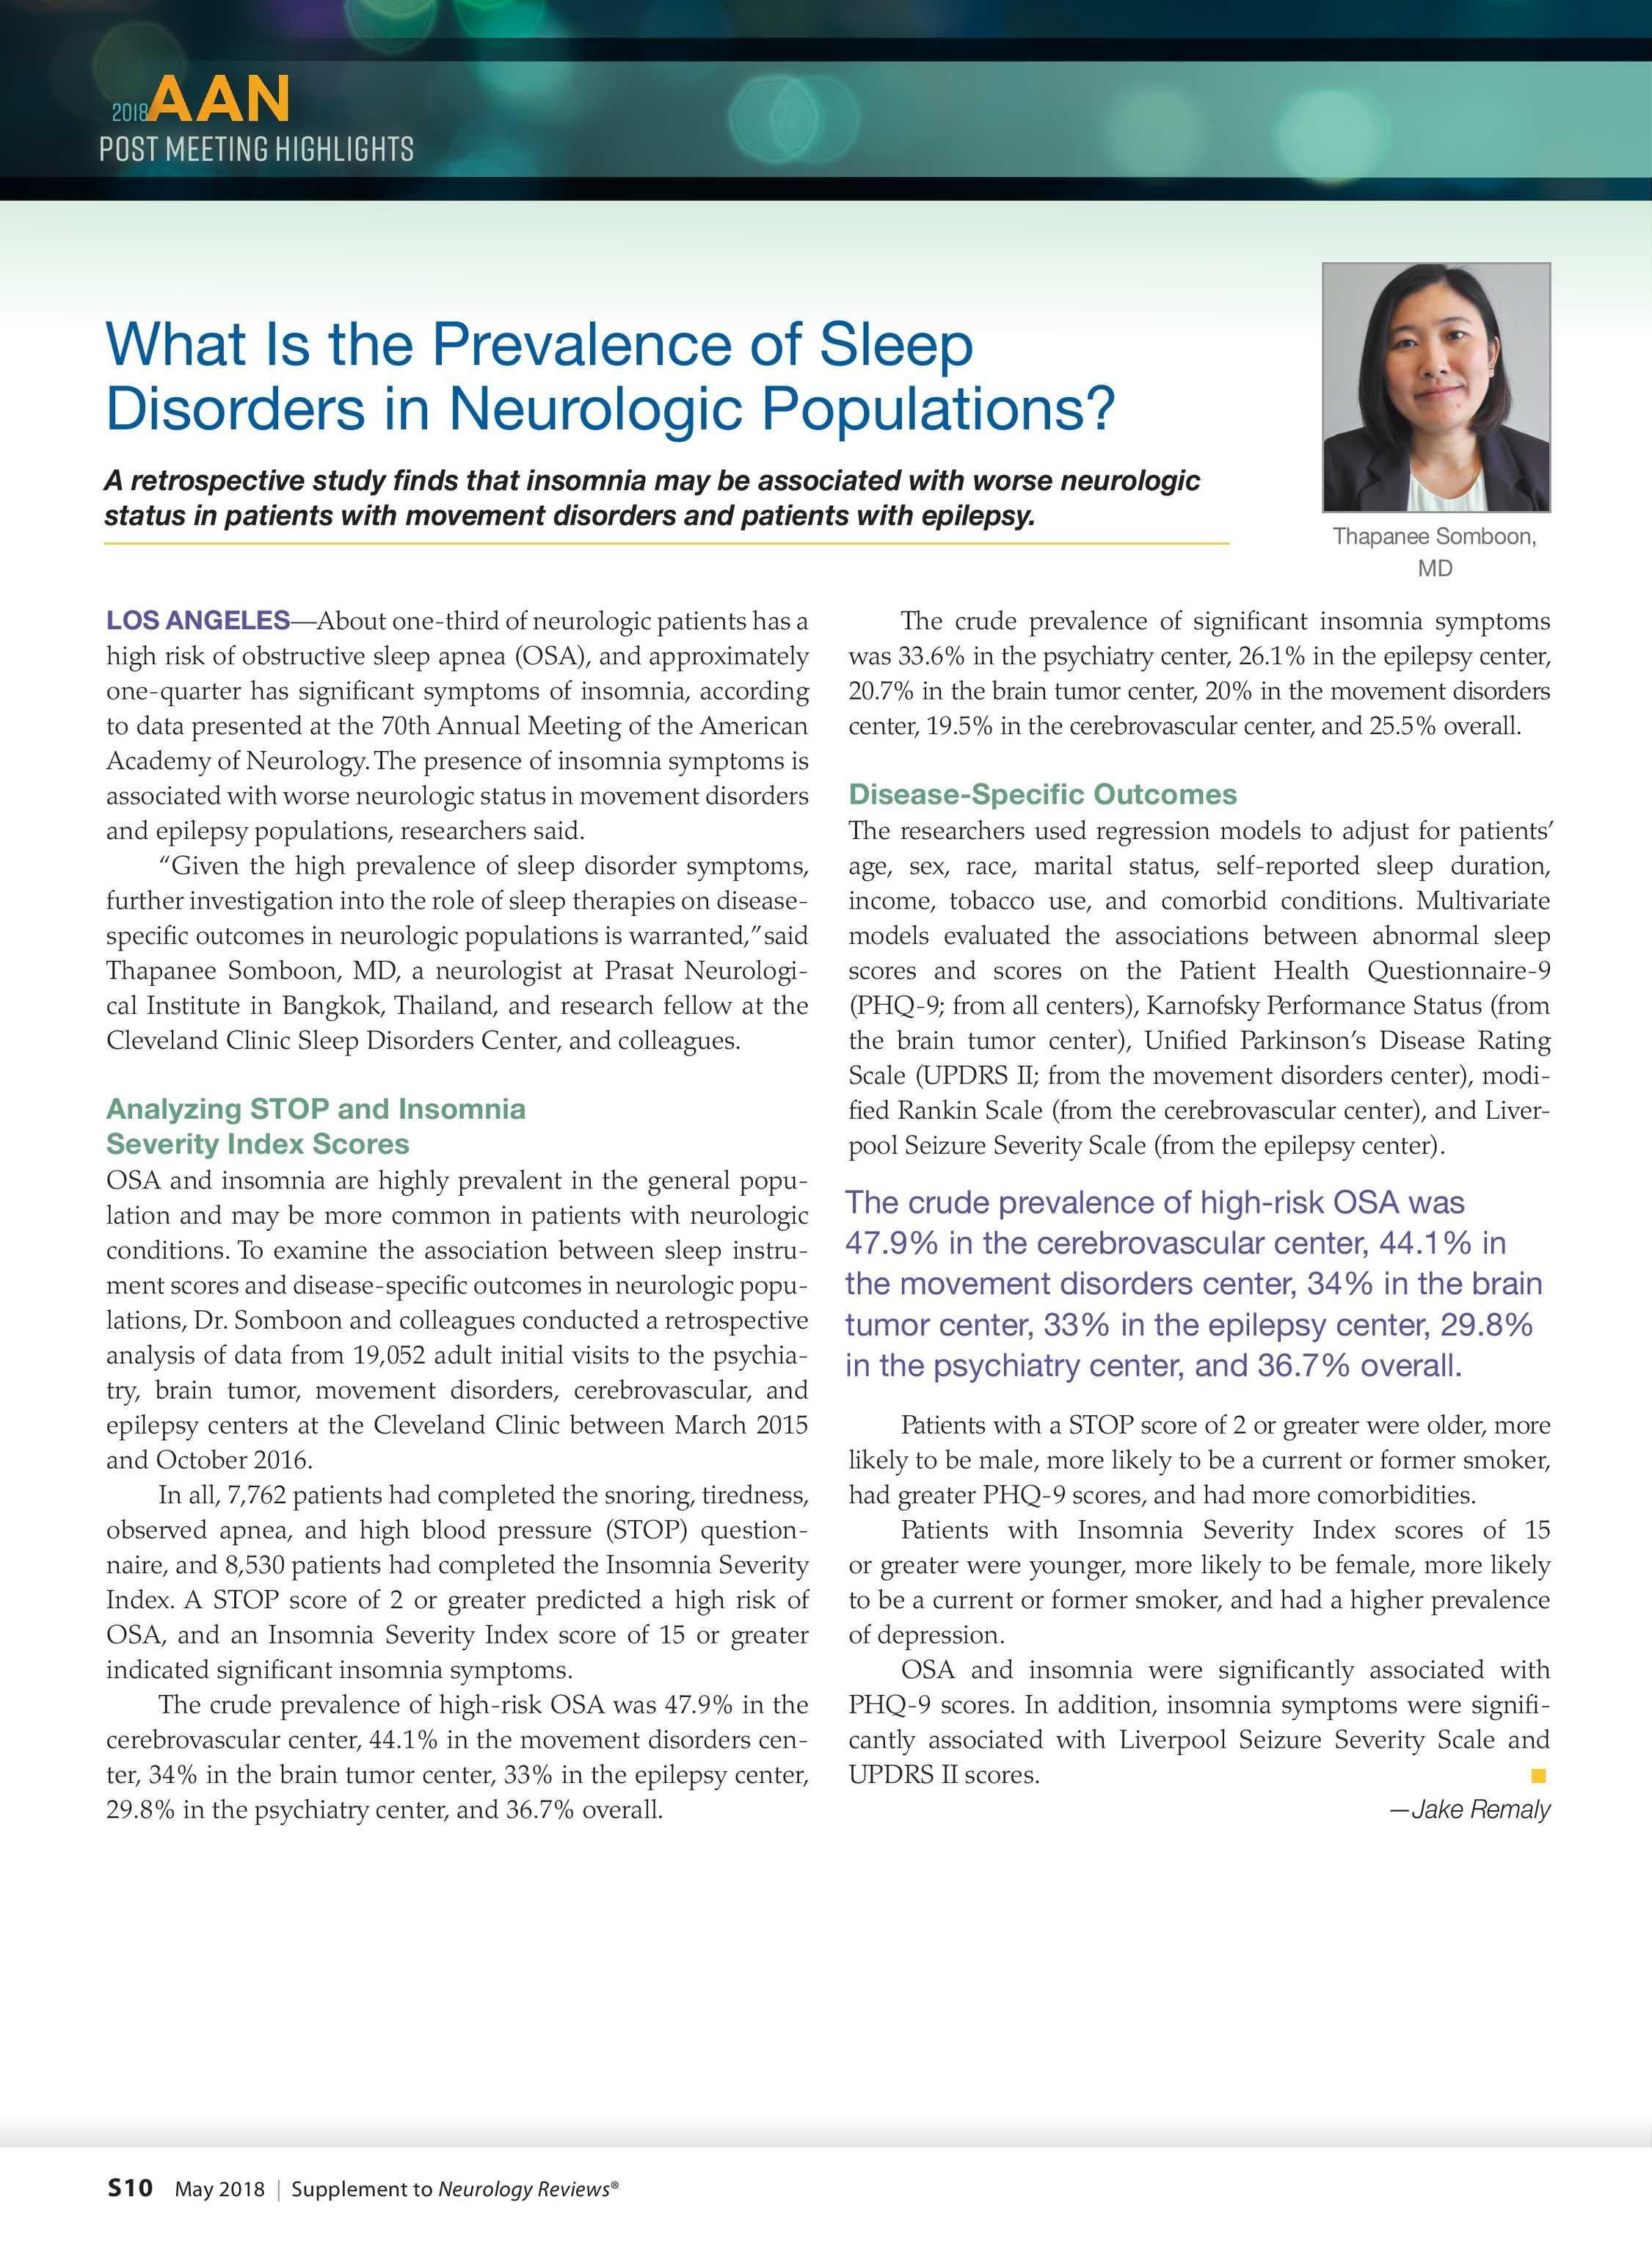 Neurology Reviews - NR AAN Post Meeting 0518 - page S10